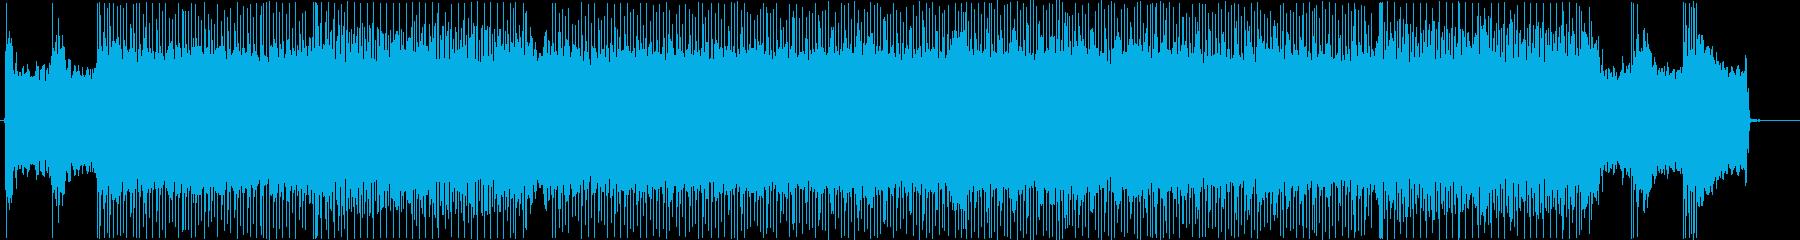 バトルやレースに合う疾走系メタルBGMの再生済みの波形